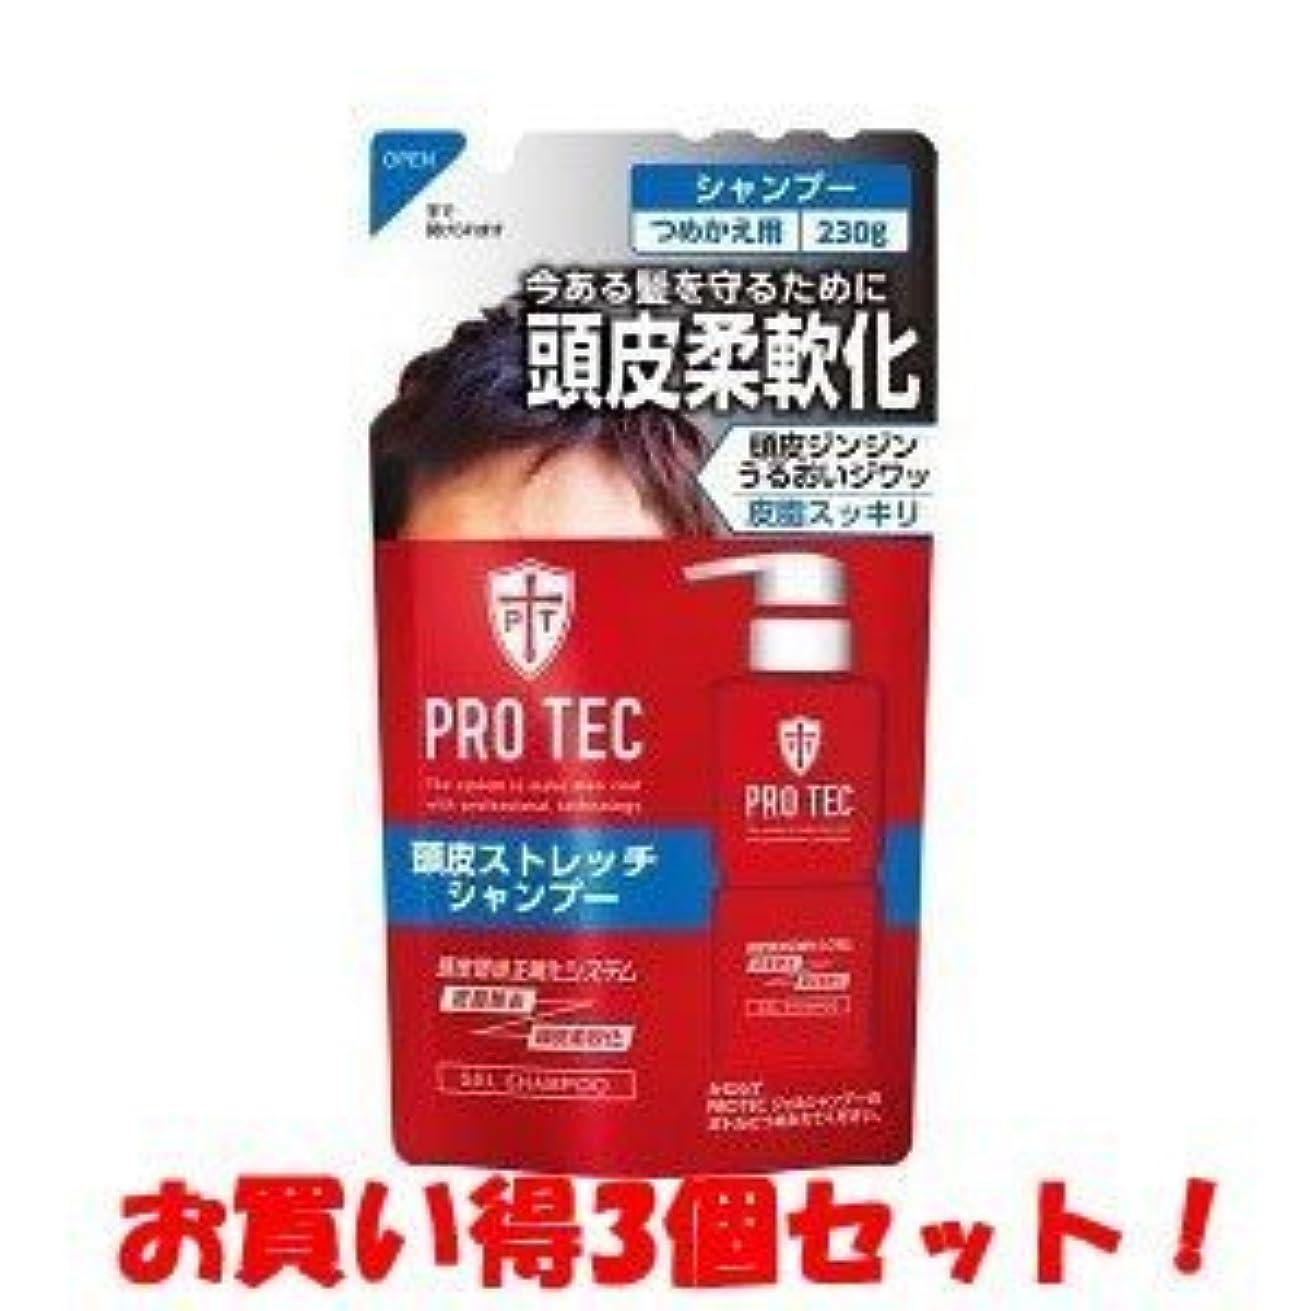 消化器収縮鉄道(ライオン)PRO TEC(プロテク) 頭皮ストレッチ シャンプー つめかえ用 230g(医薬部外品)(お買い得3個セット)